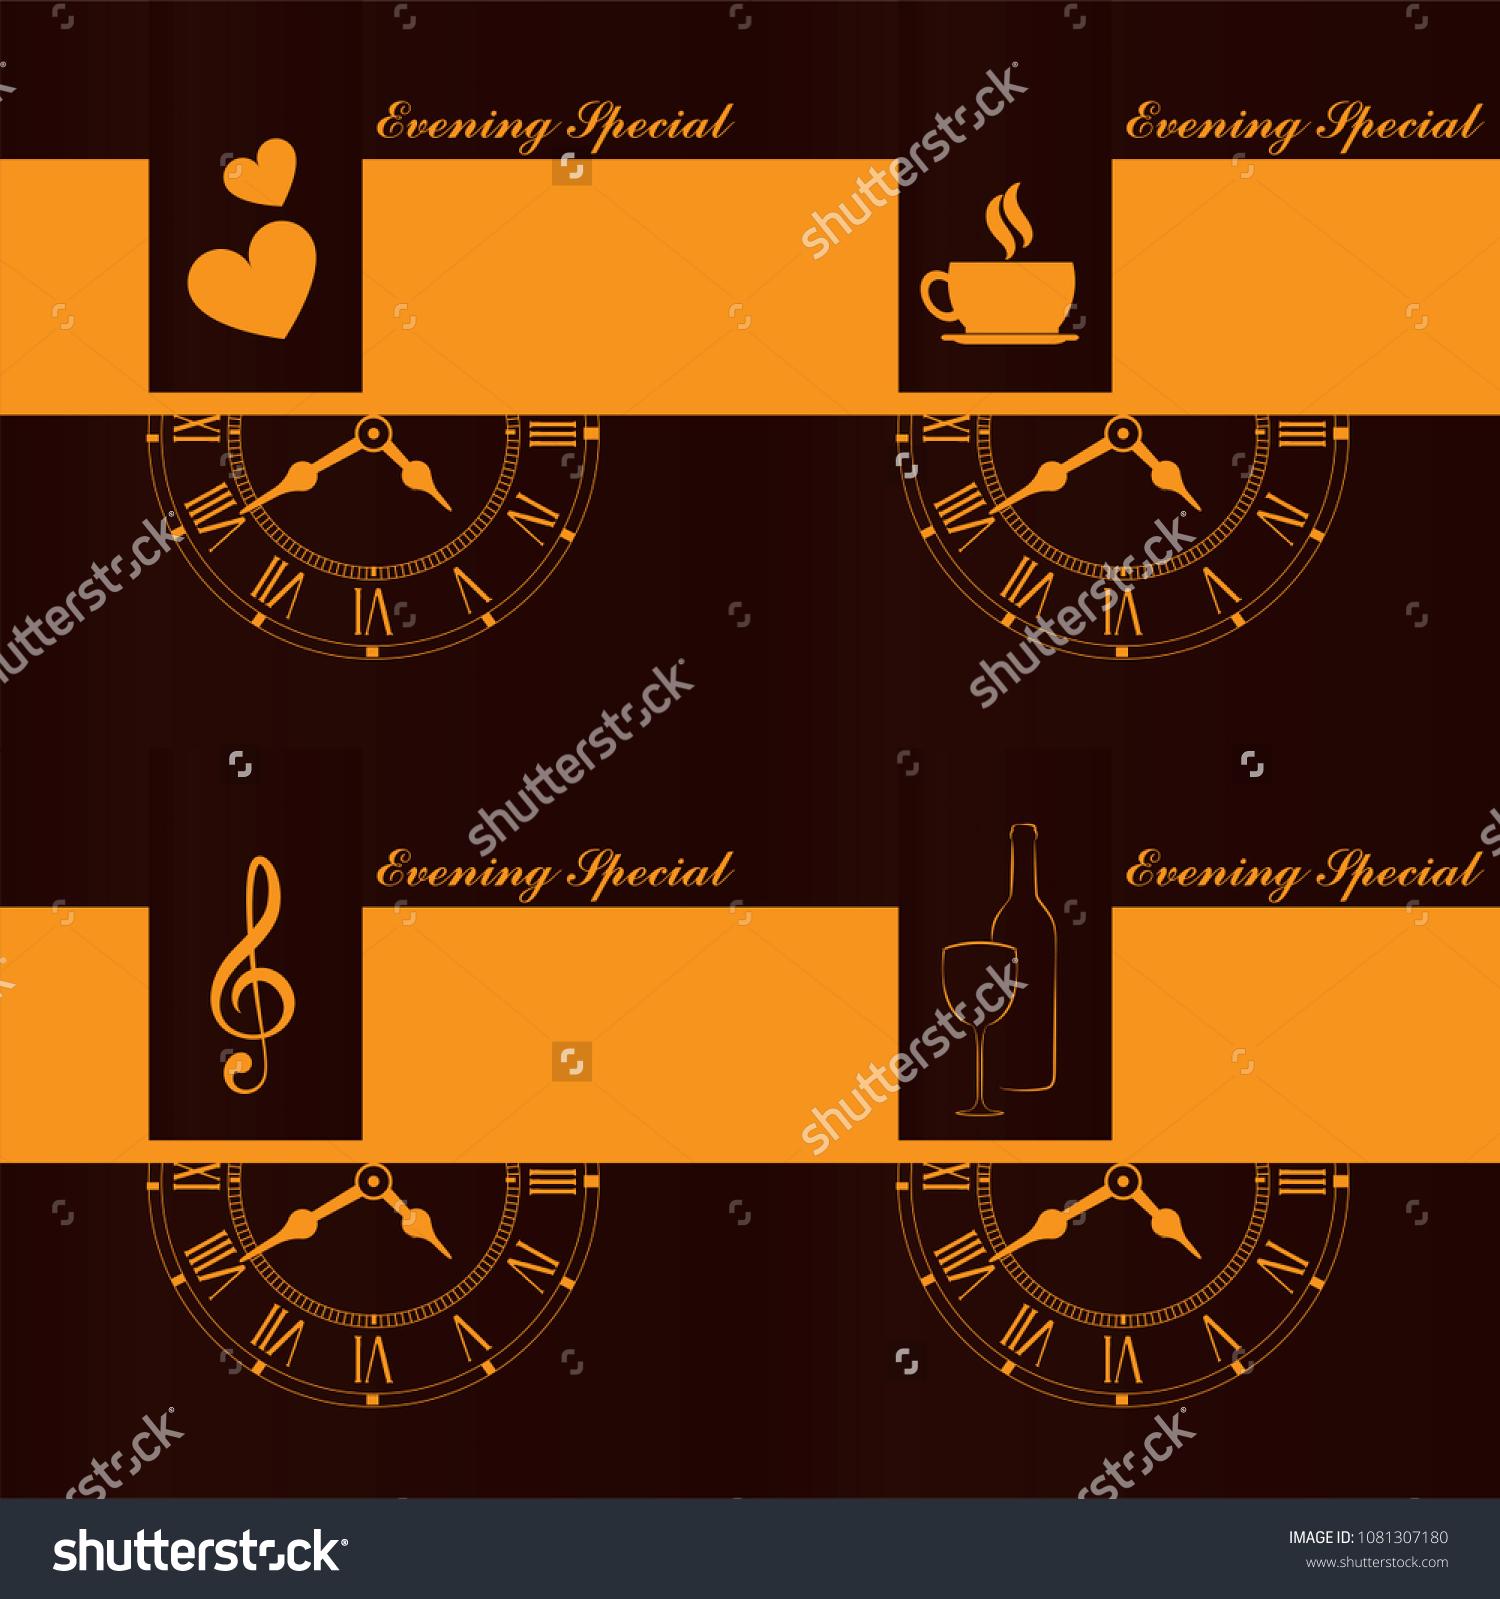 Vector illustration evening special invitation card stock vector vector illustration of evening special invitation card stopboris Choice Image